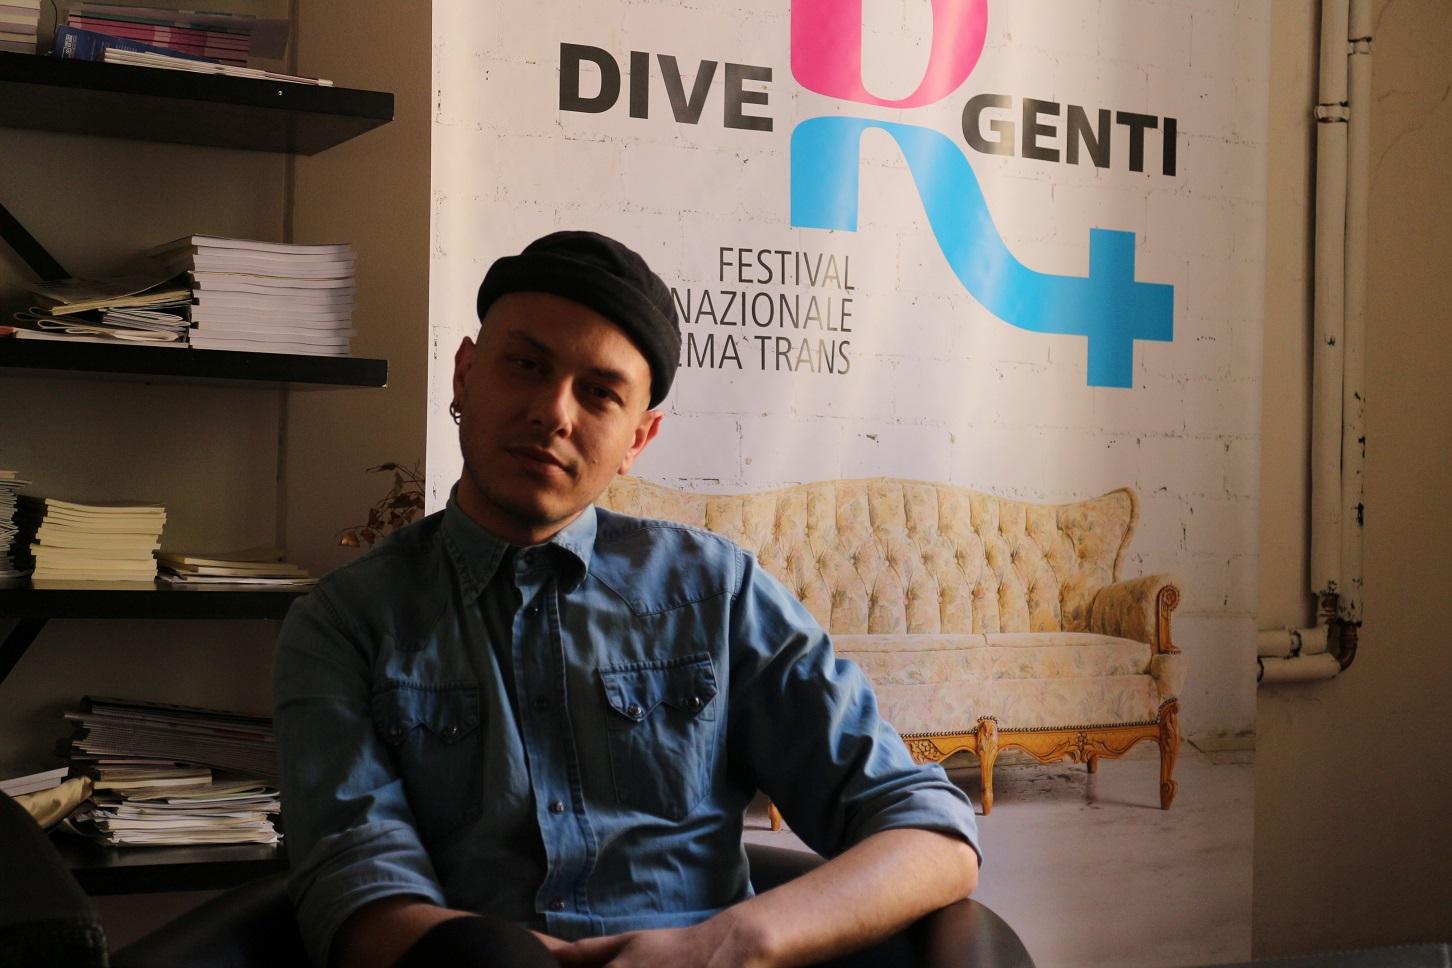 """Mario di Martino, vice presidente do Movimento identità transessuale: """"O sistema não é preparado para acolher refugiados LGBT"""". Foto Janaína Cesar"""